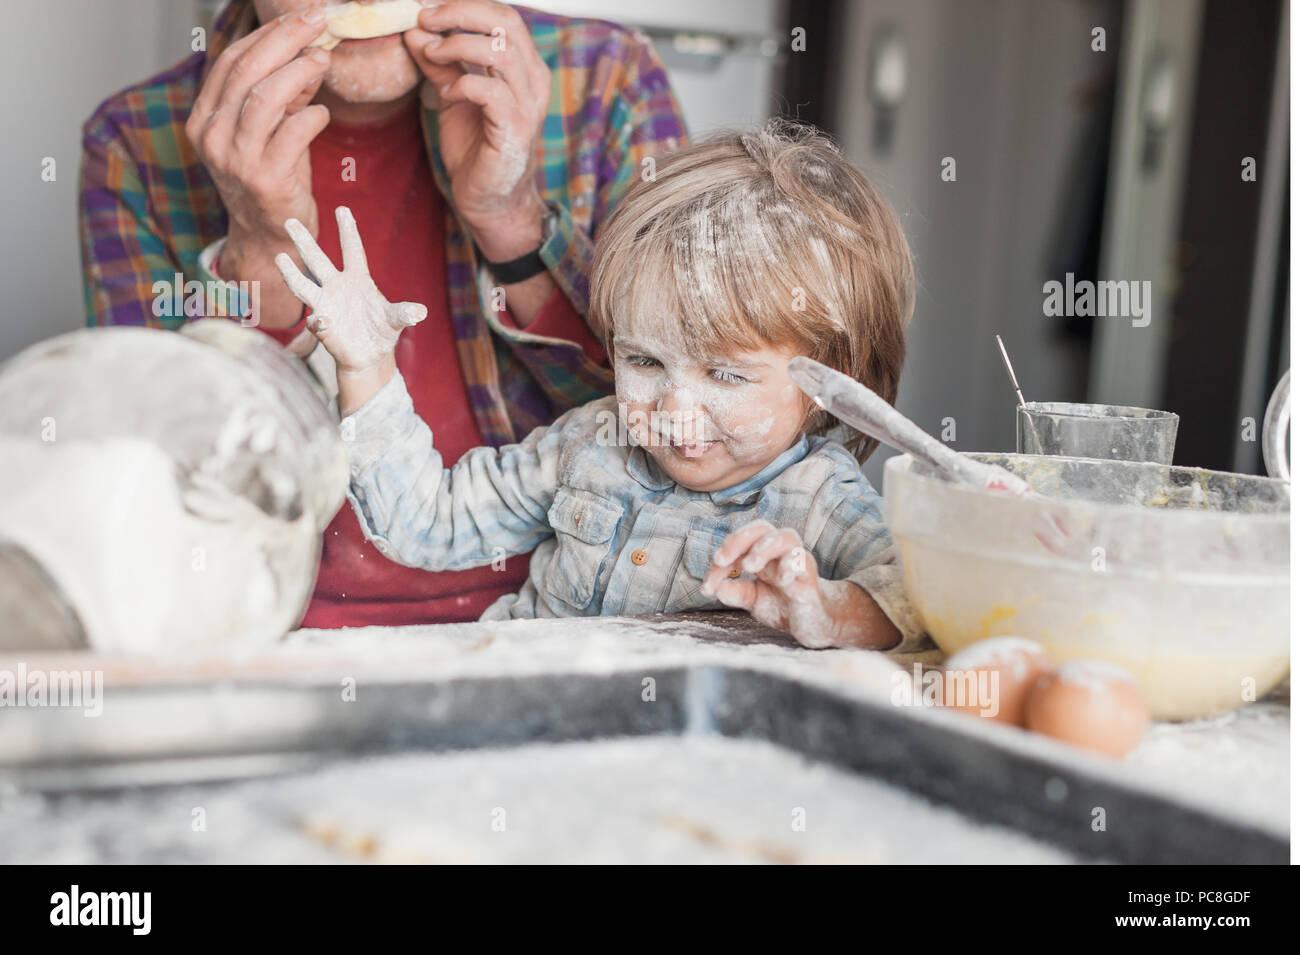 Vater und Kind Spaß mit Mehl in der Küche Stockbild